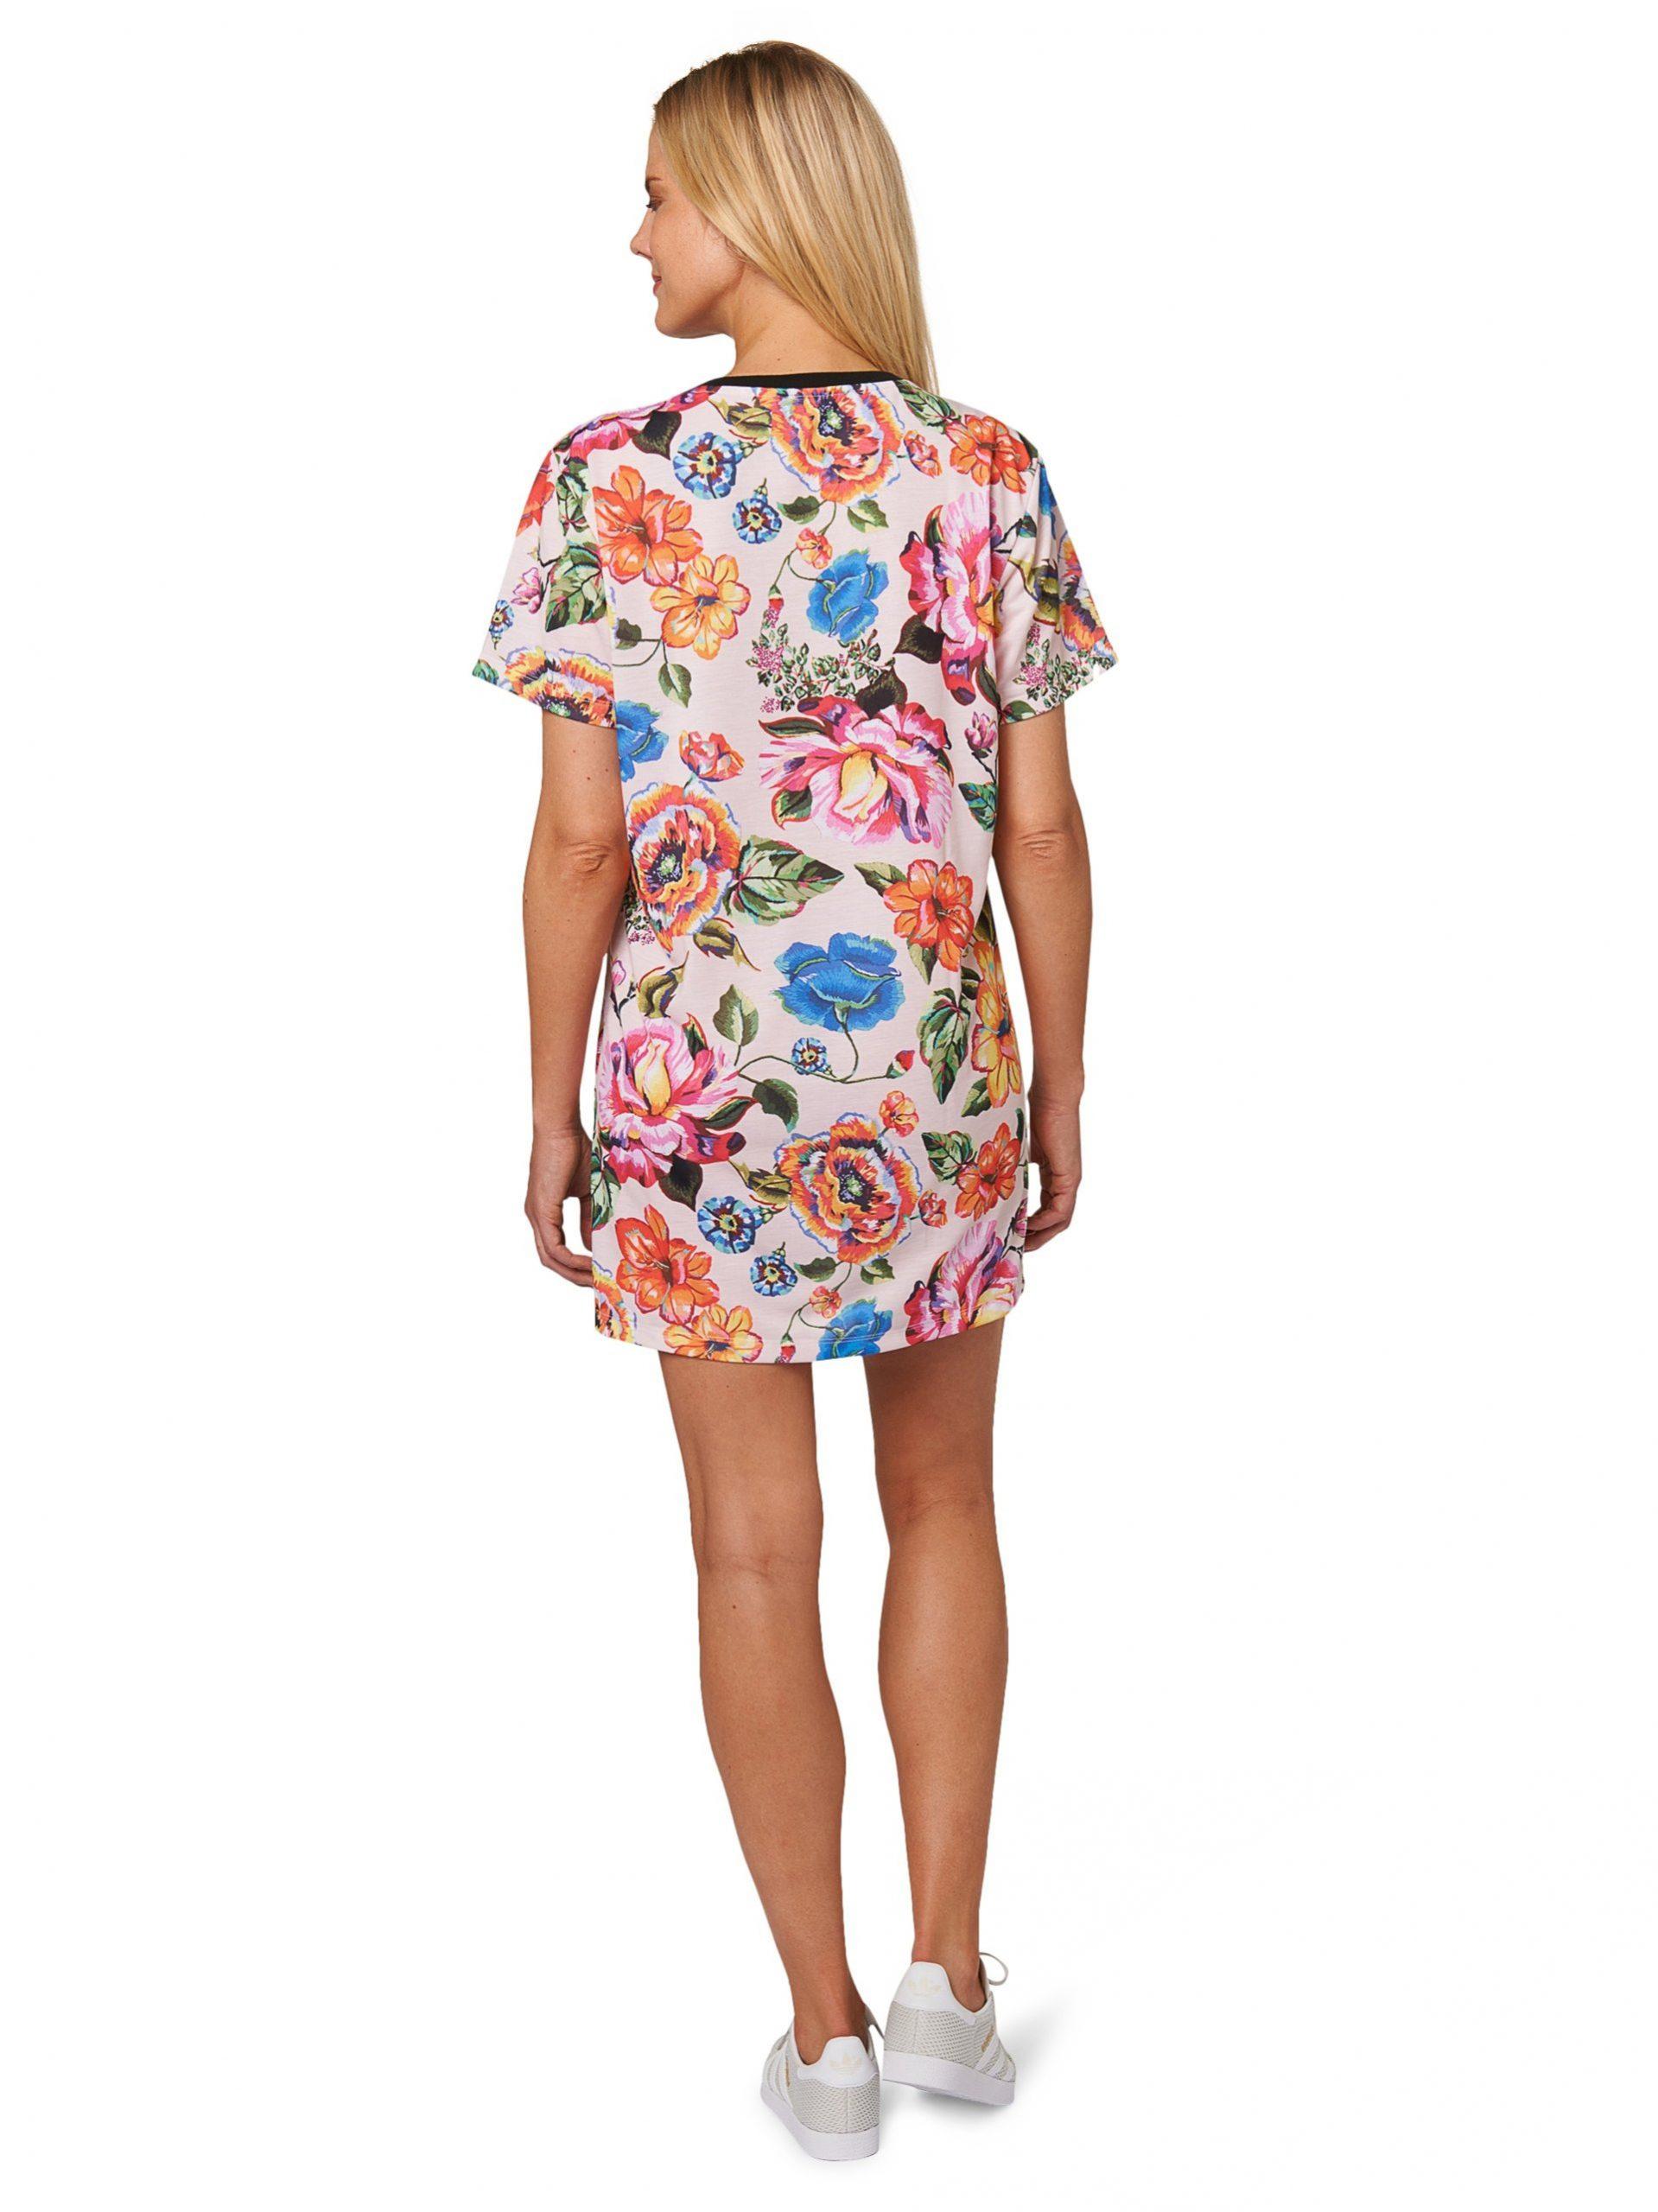 Adidas Originals Damen Kleid Floralita Online Kaufen